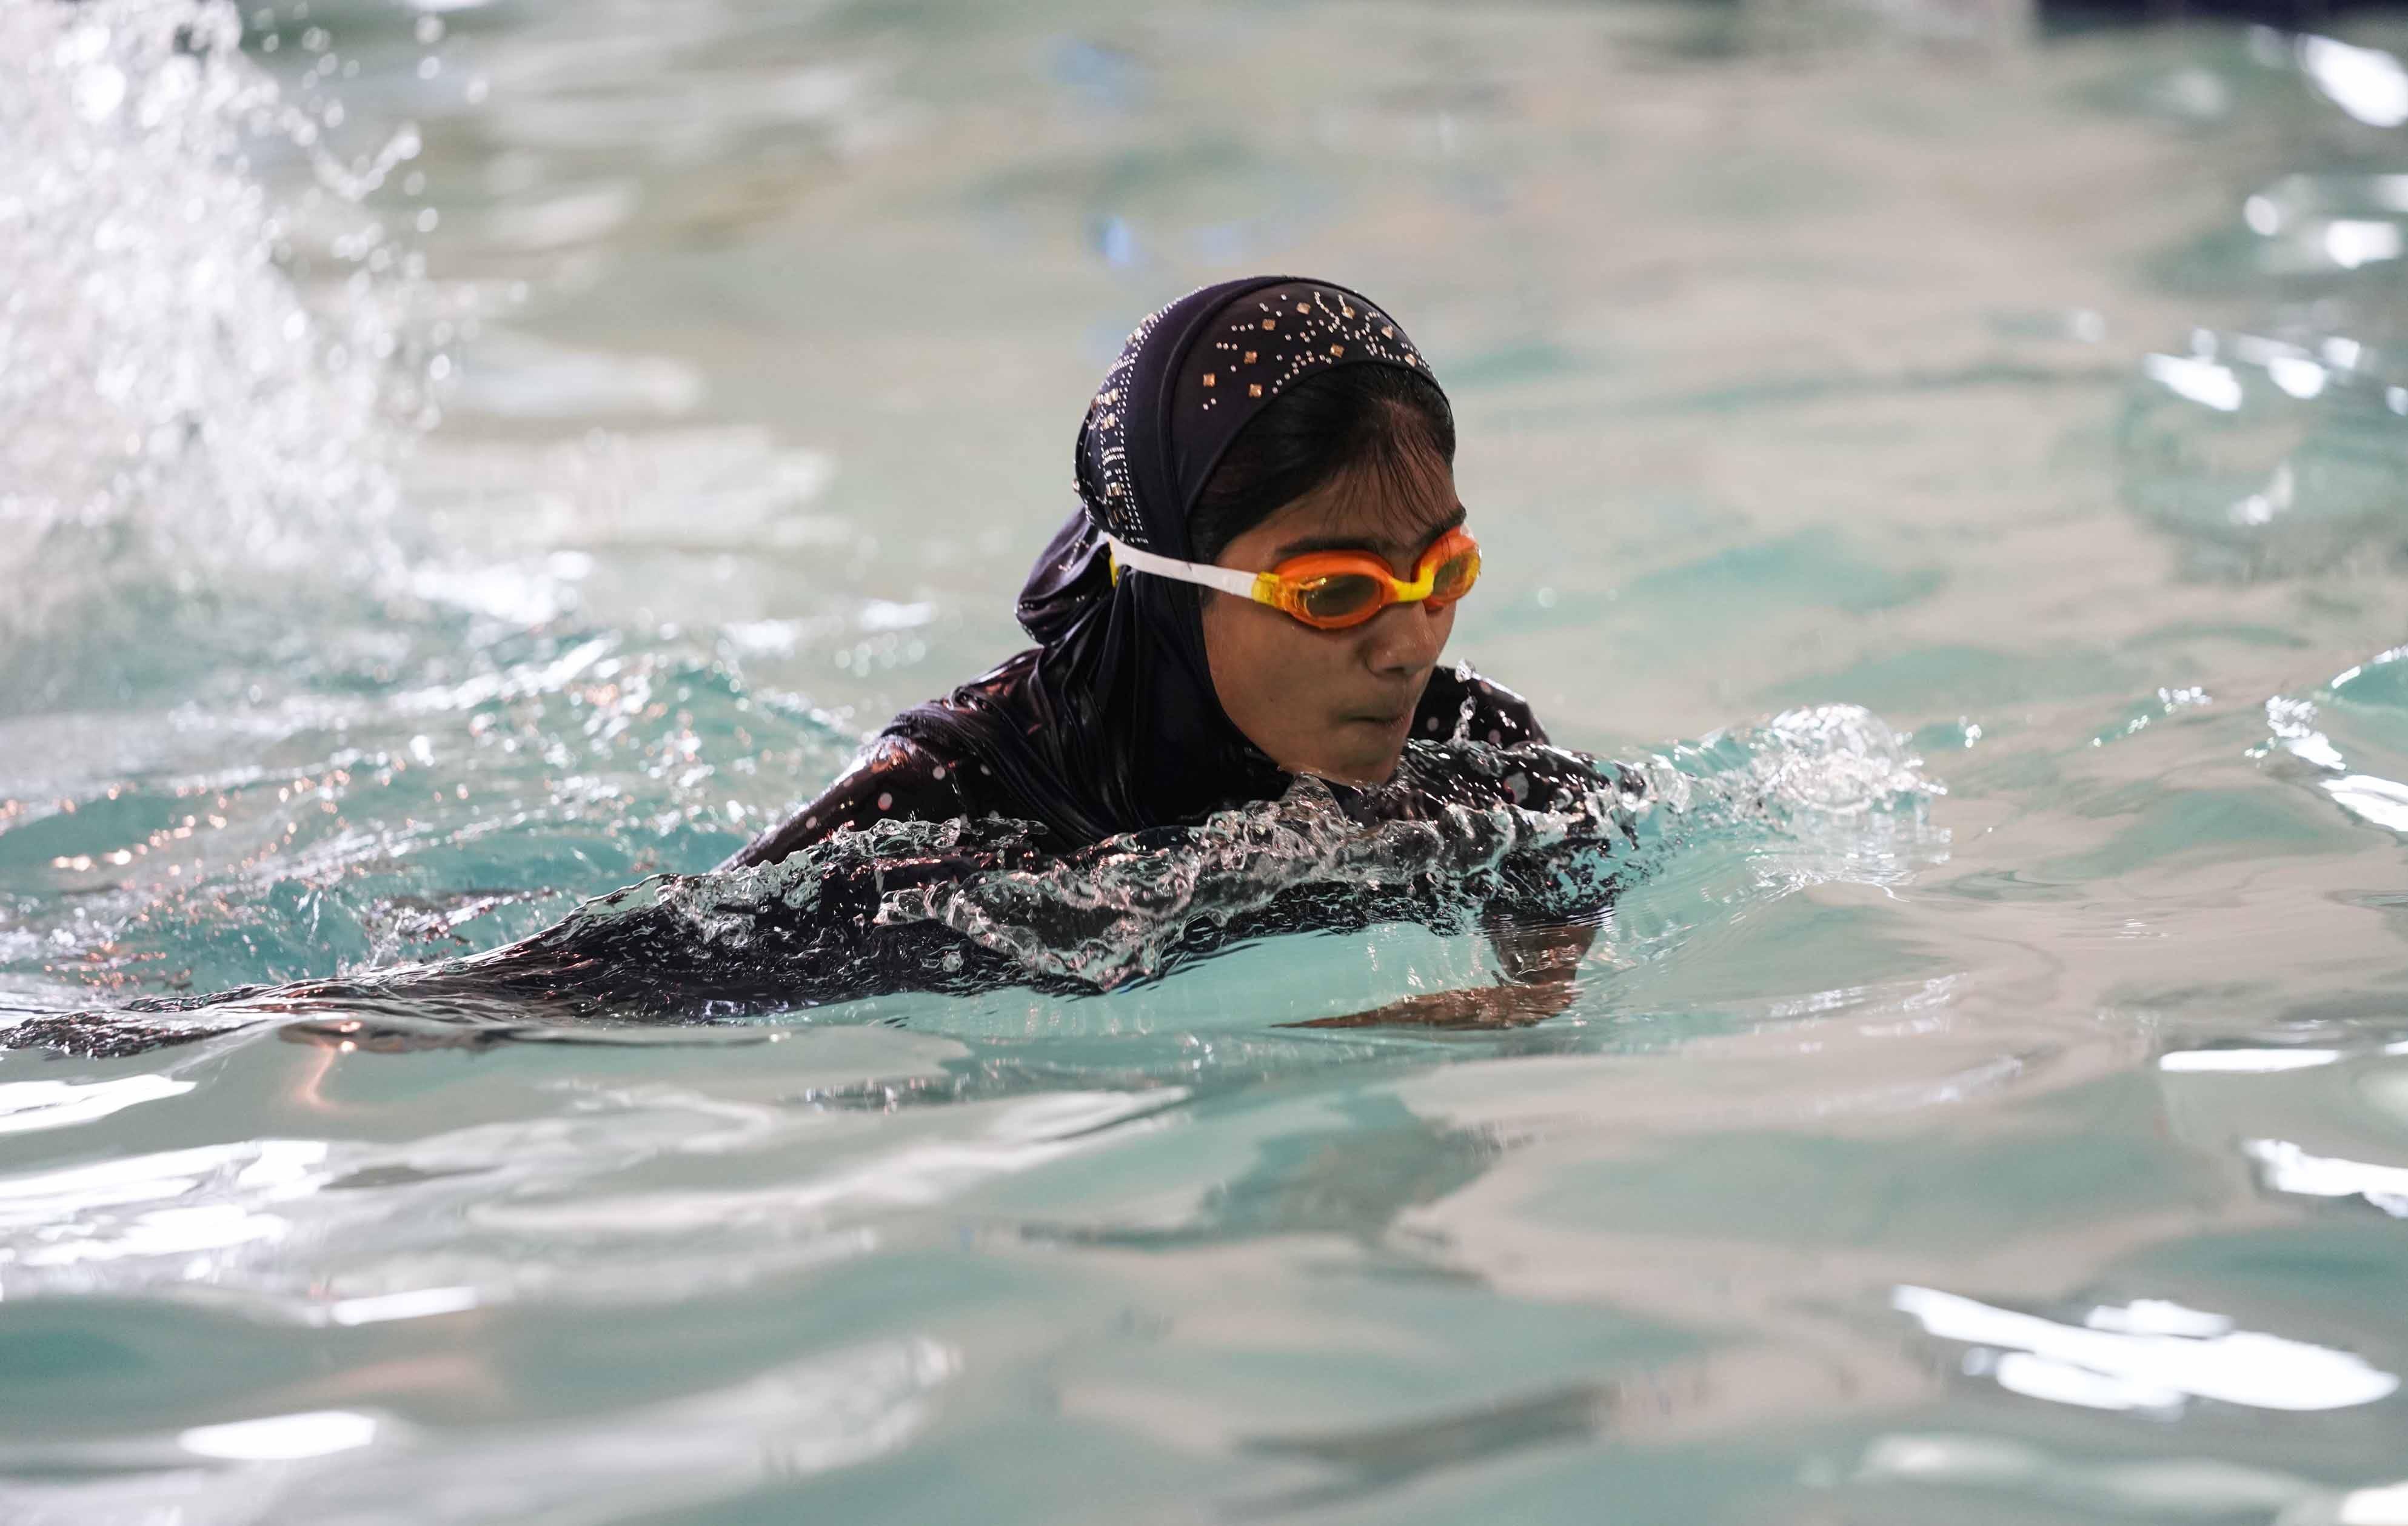 children's hijabs